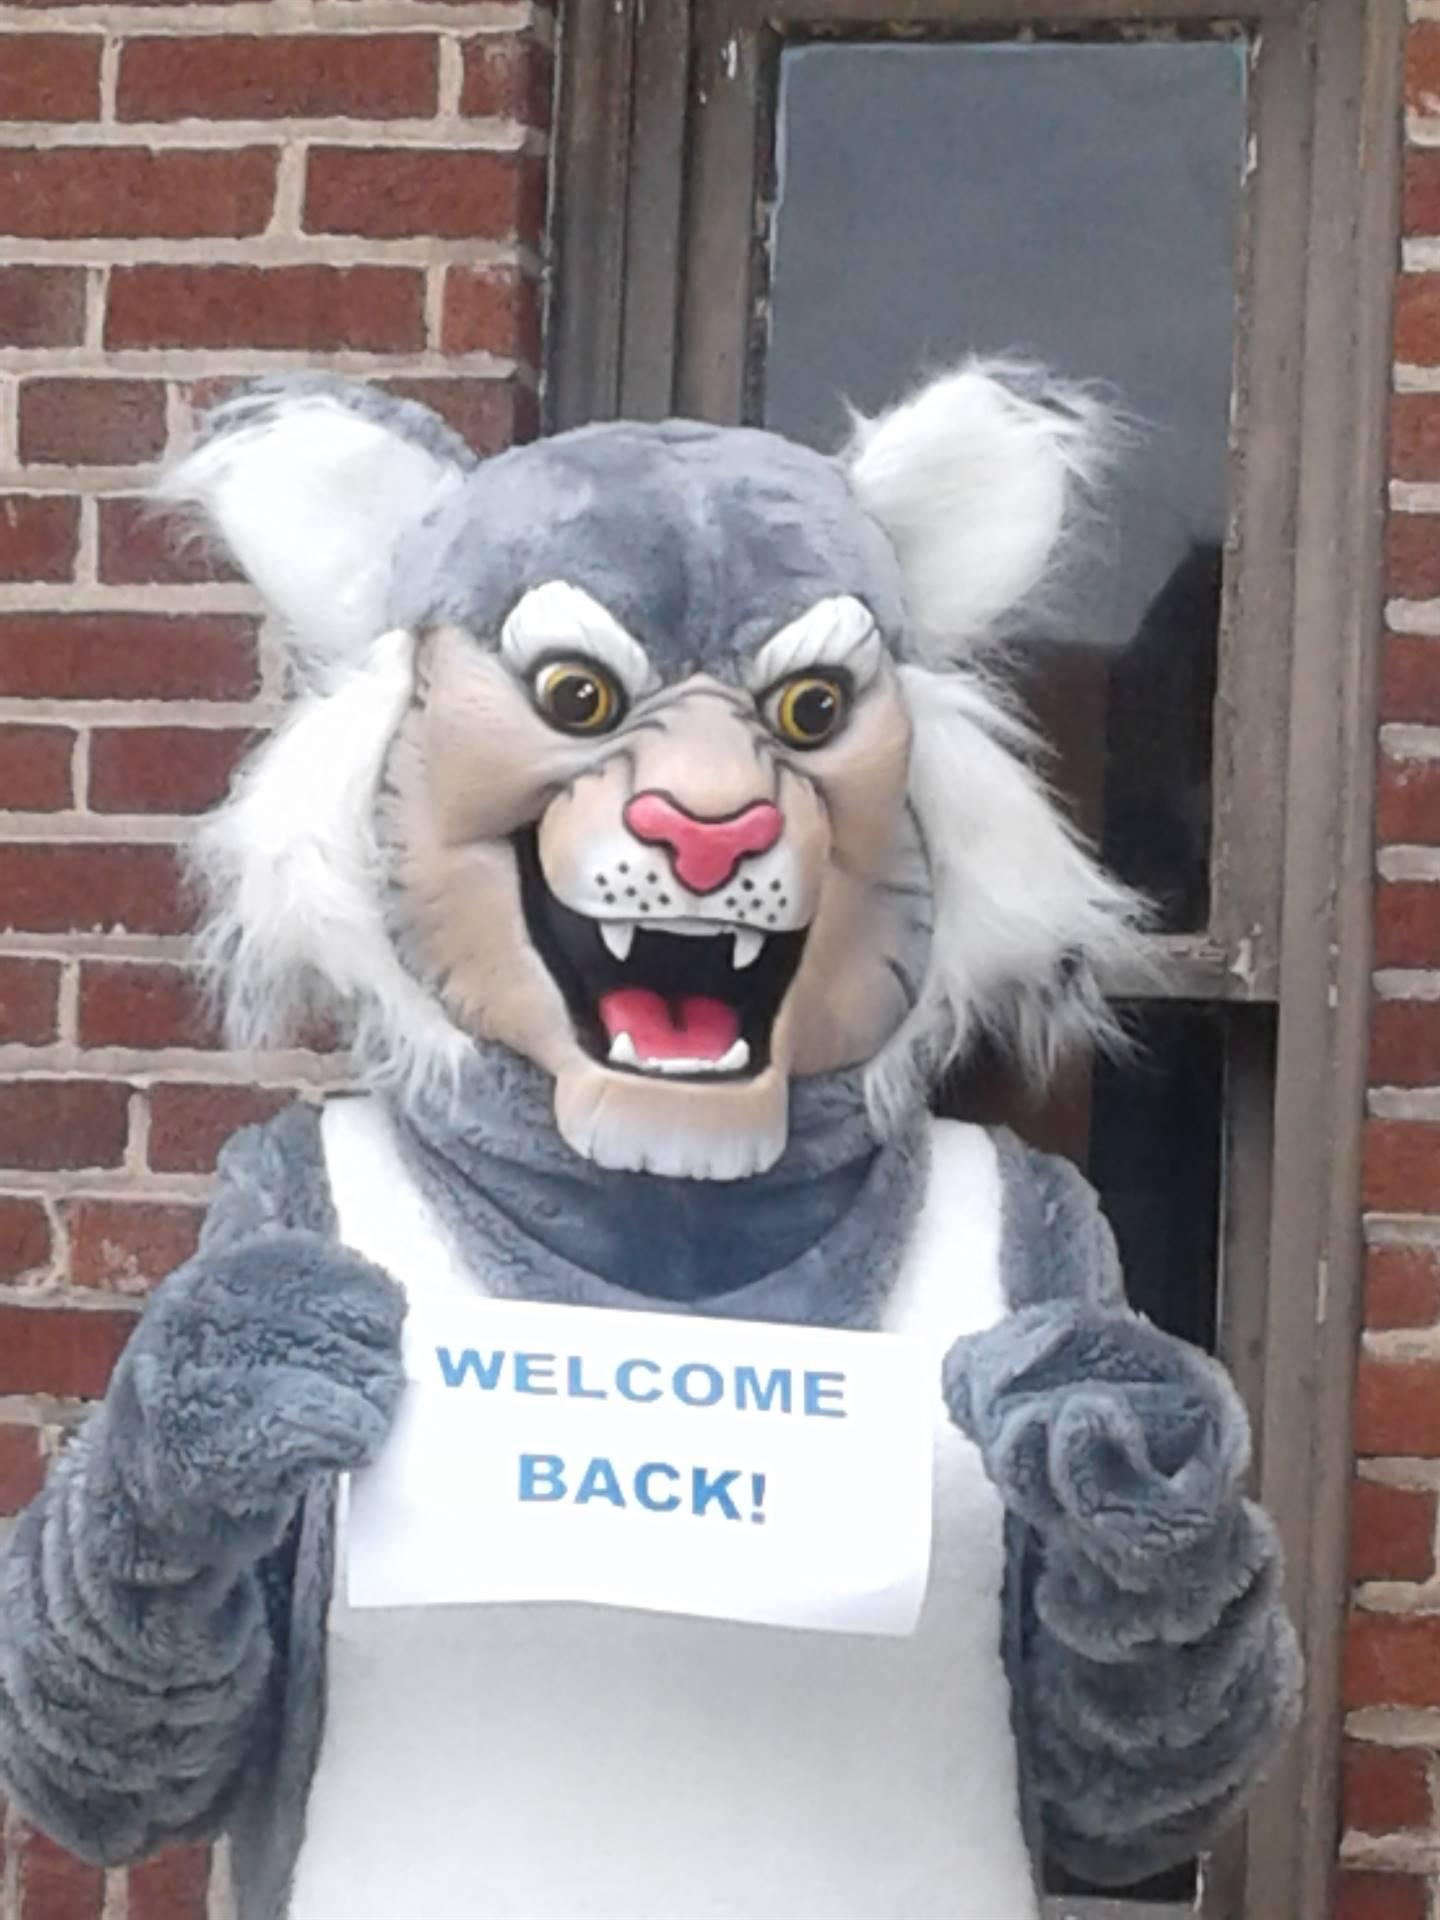 Felix - Welcome Back!